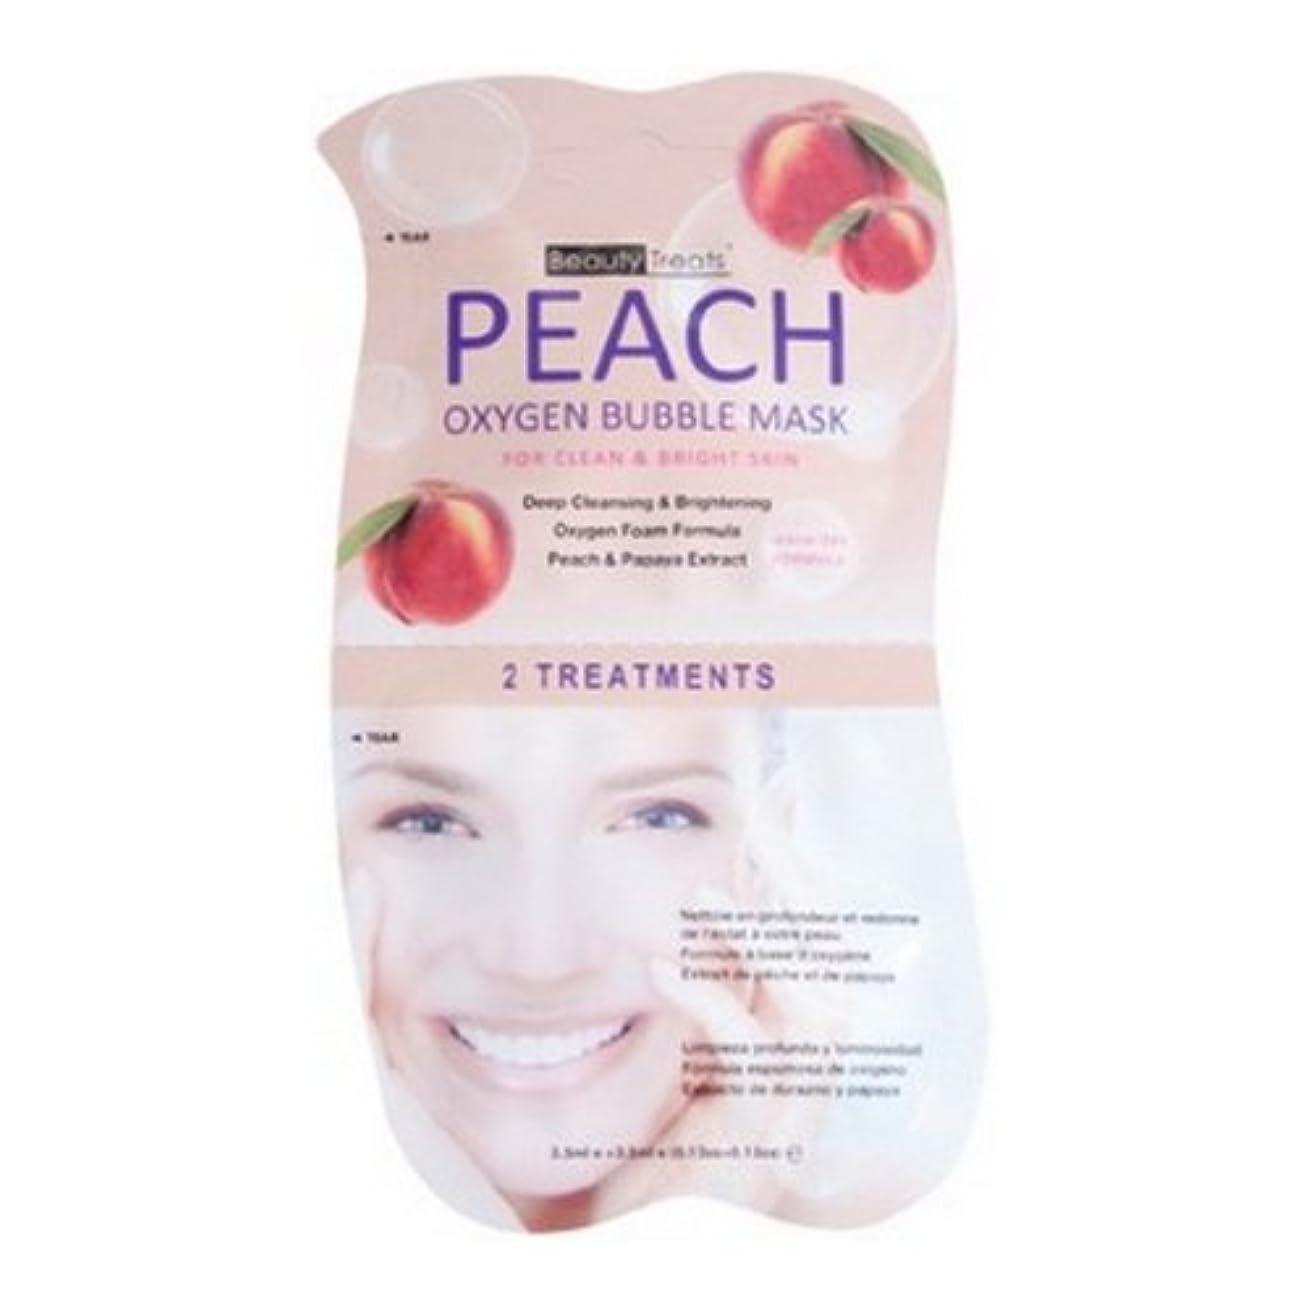 チャーター正当化するスポーツをする(6 Pack) BEAUTY TREATS Peach Oxygen Bubble Mask - Peach (並行輸入品)